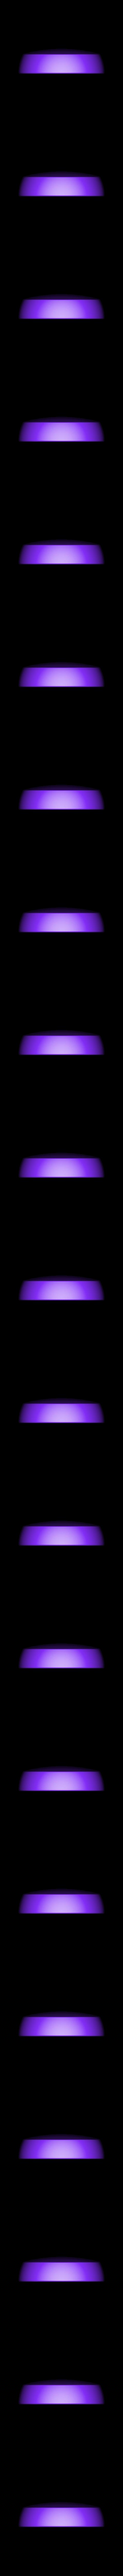 v2water_bottle_cap.STL Télécharger fichier STL gratuit Bouteille d'eau multicolore • Plan imprimable en 3D, MosaicManufacturing